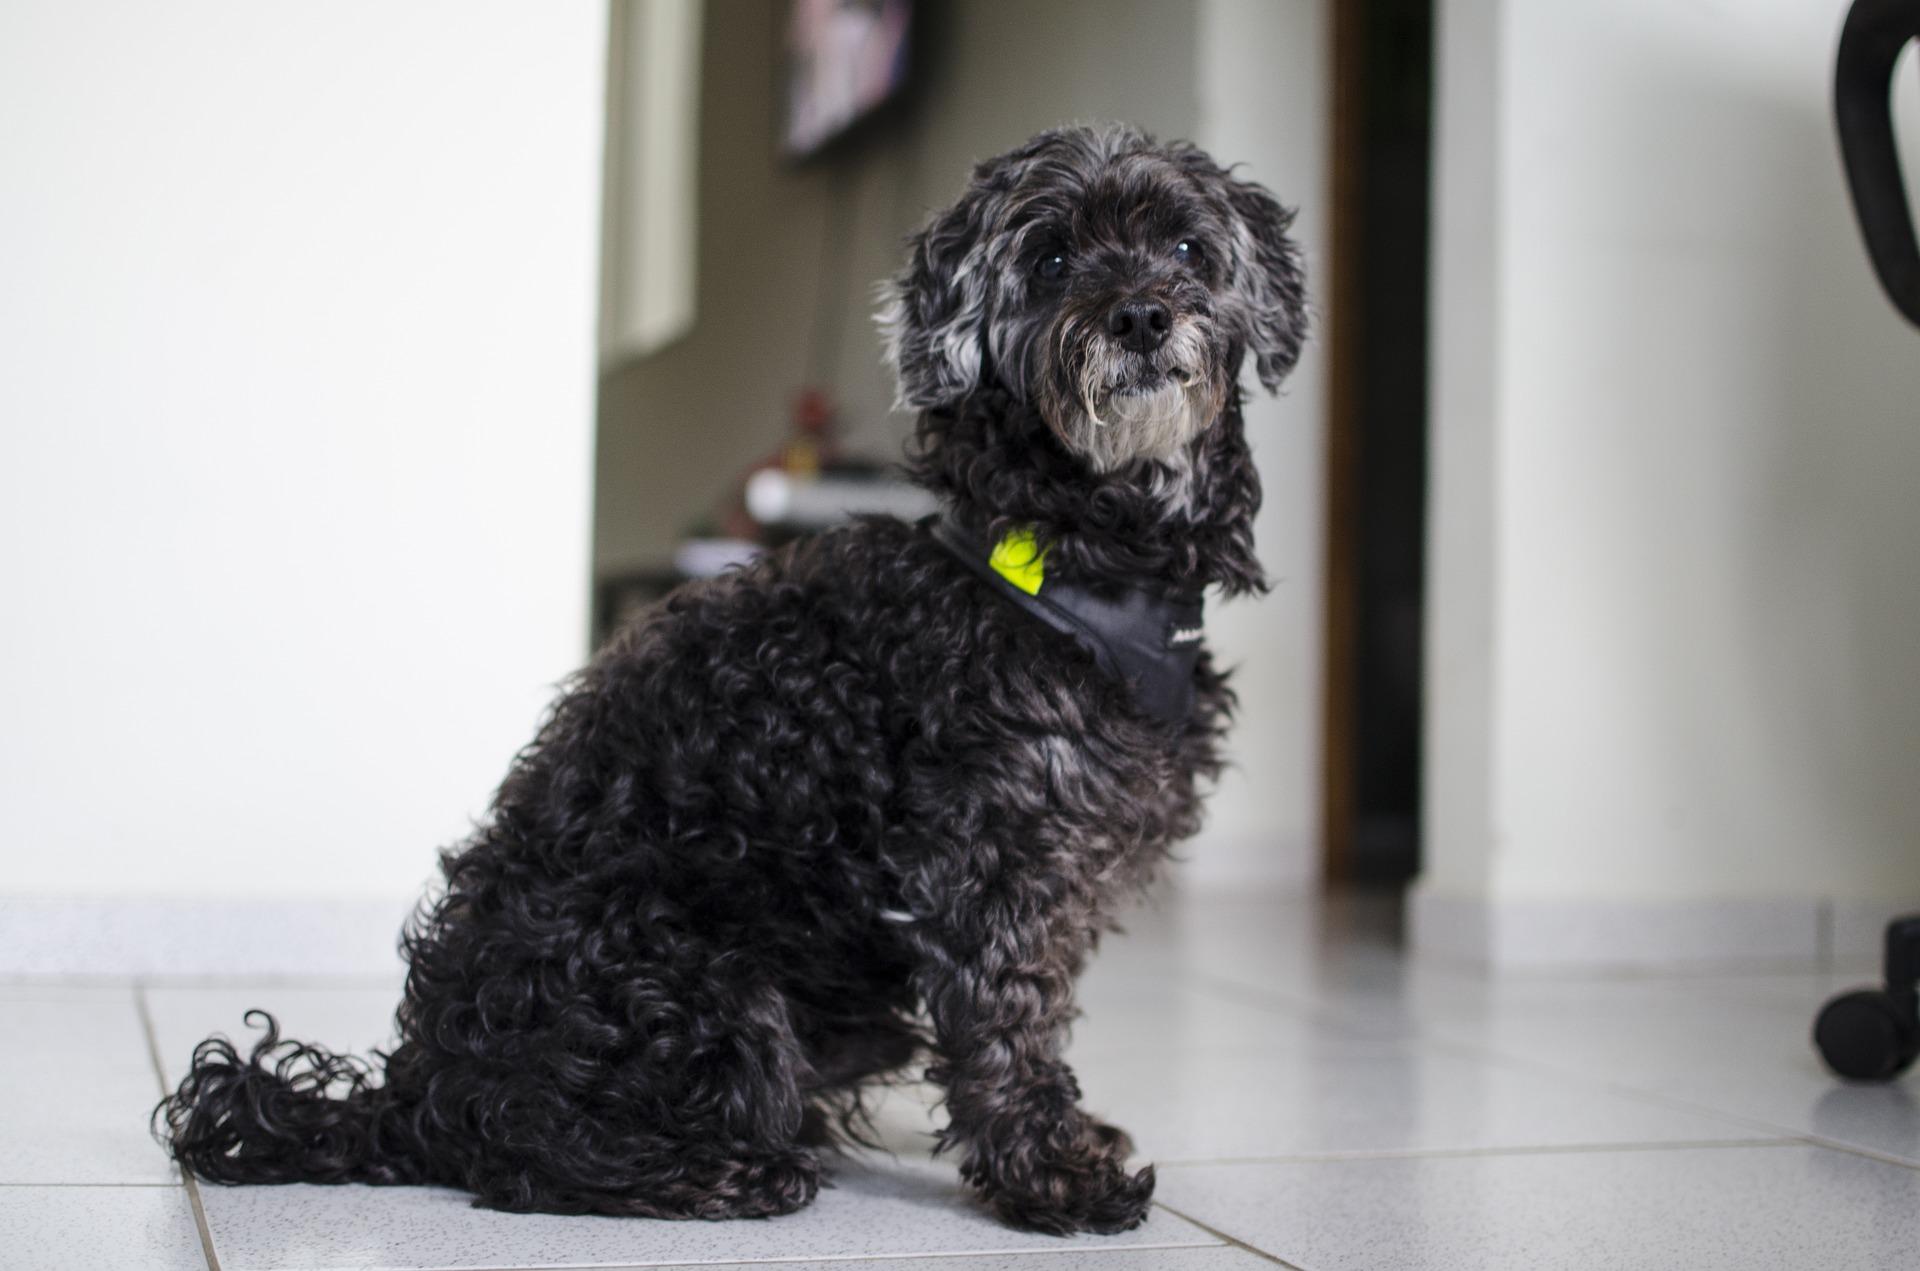 Wiek psa: nadal smarkacz czy już szacowny pan?